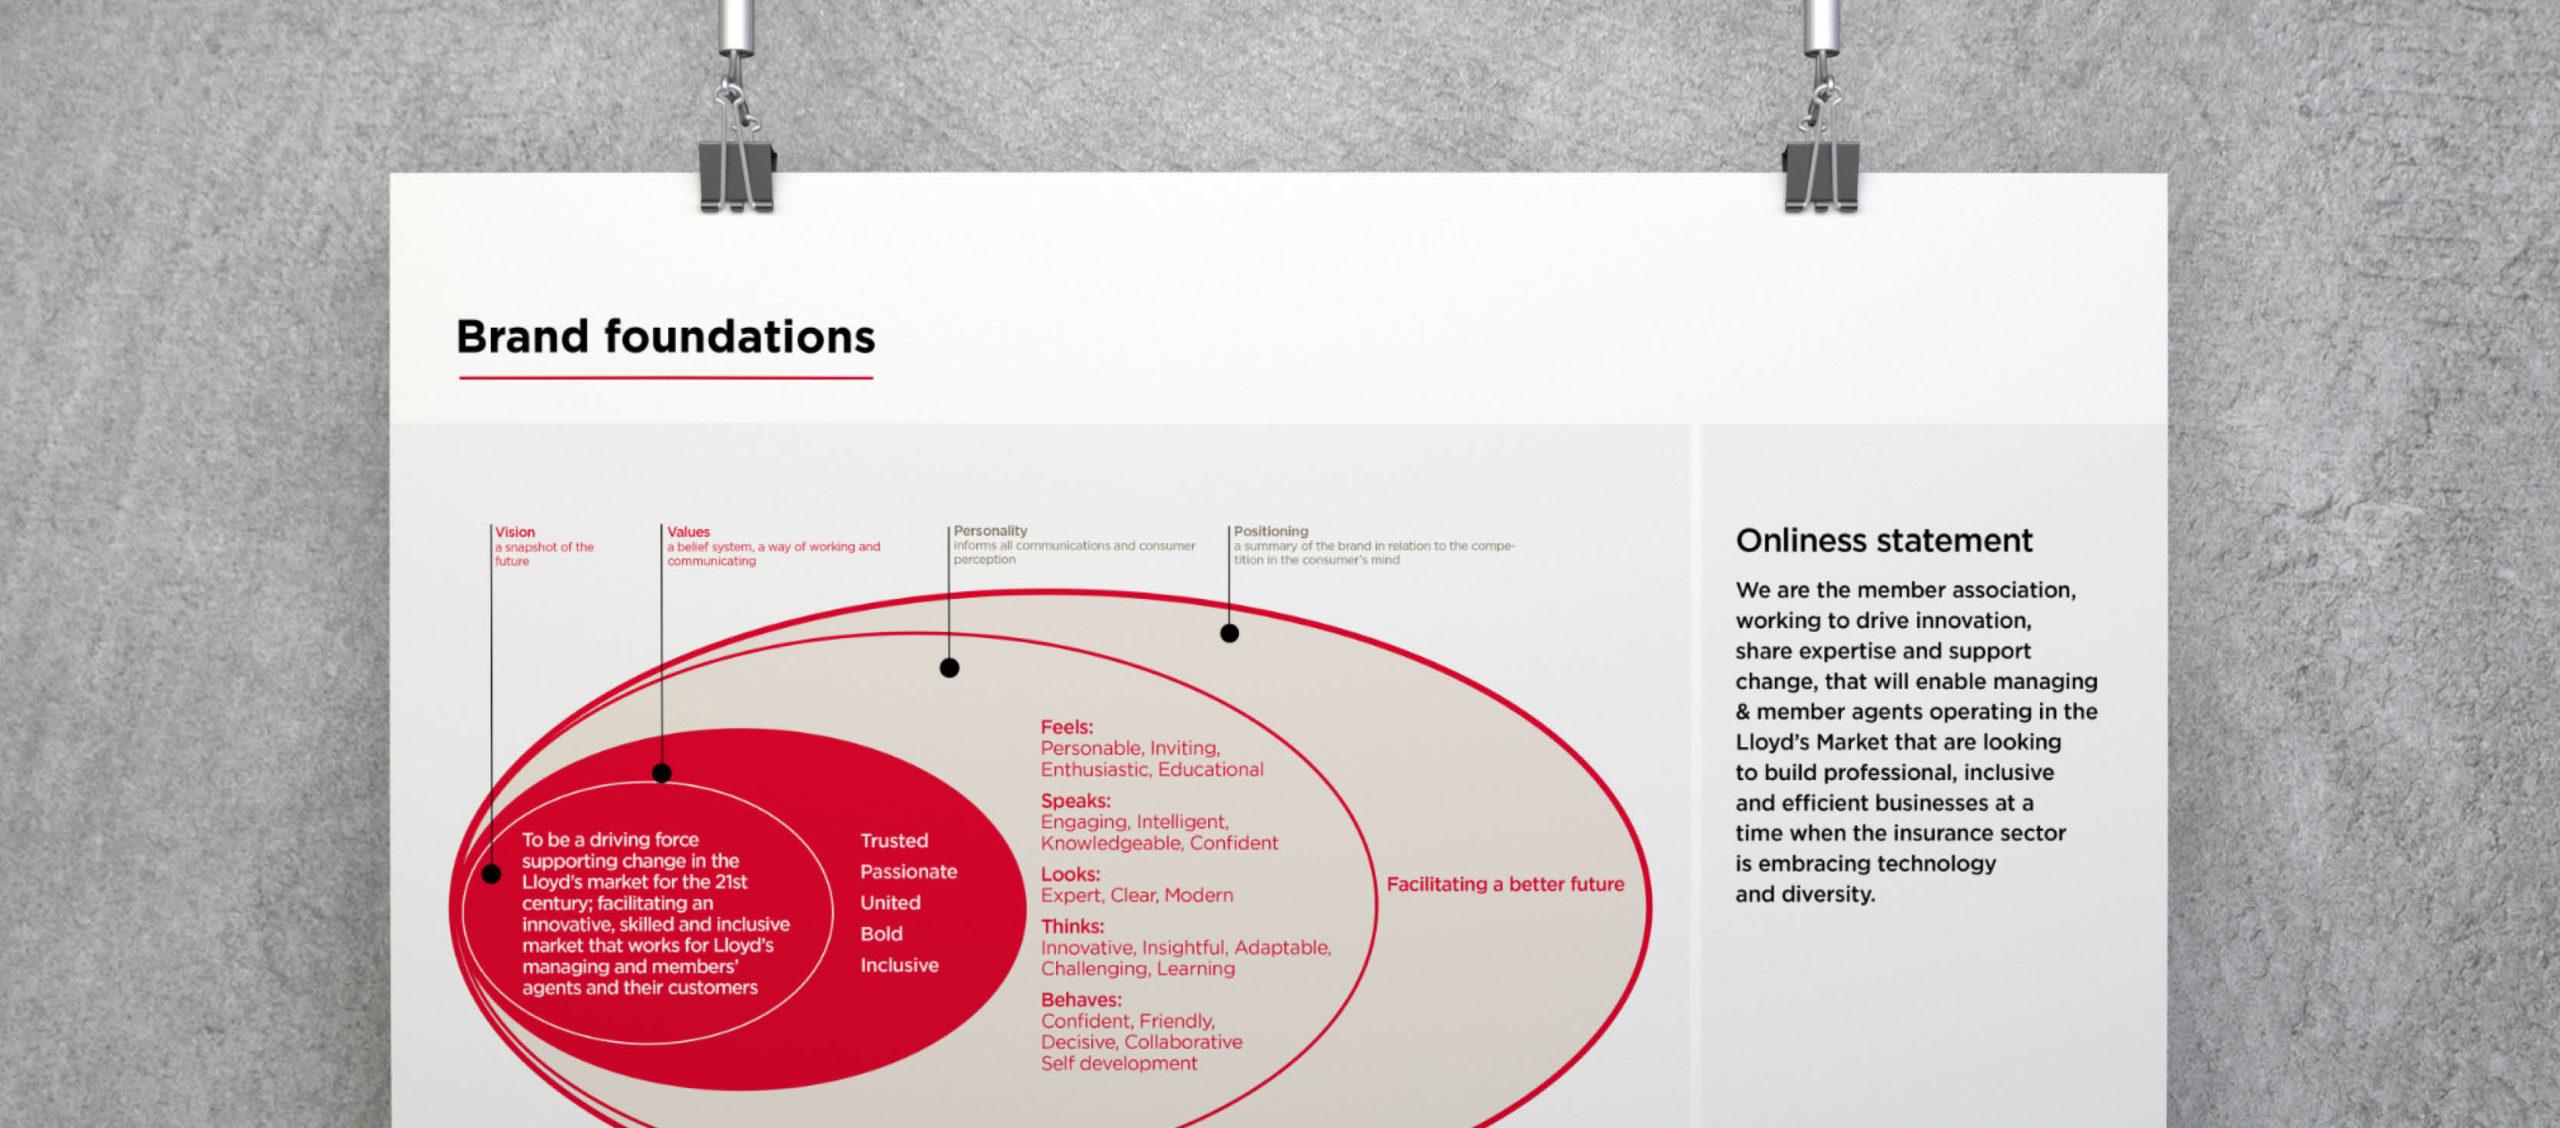 Lloyd's Market Association branding, Branding and design for insurance, brand foundations, brand development